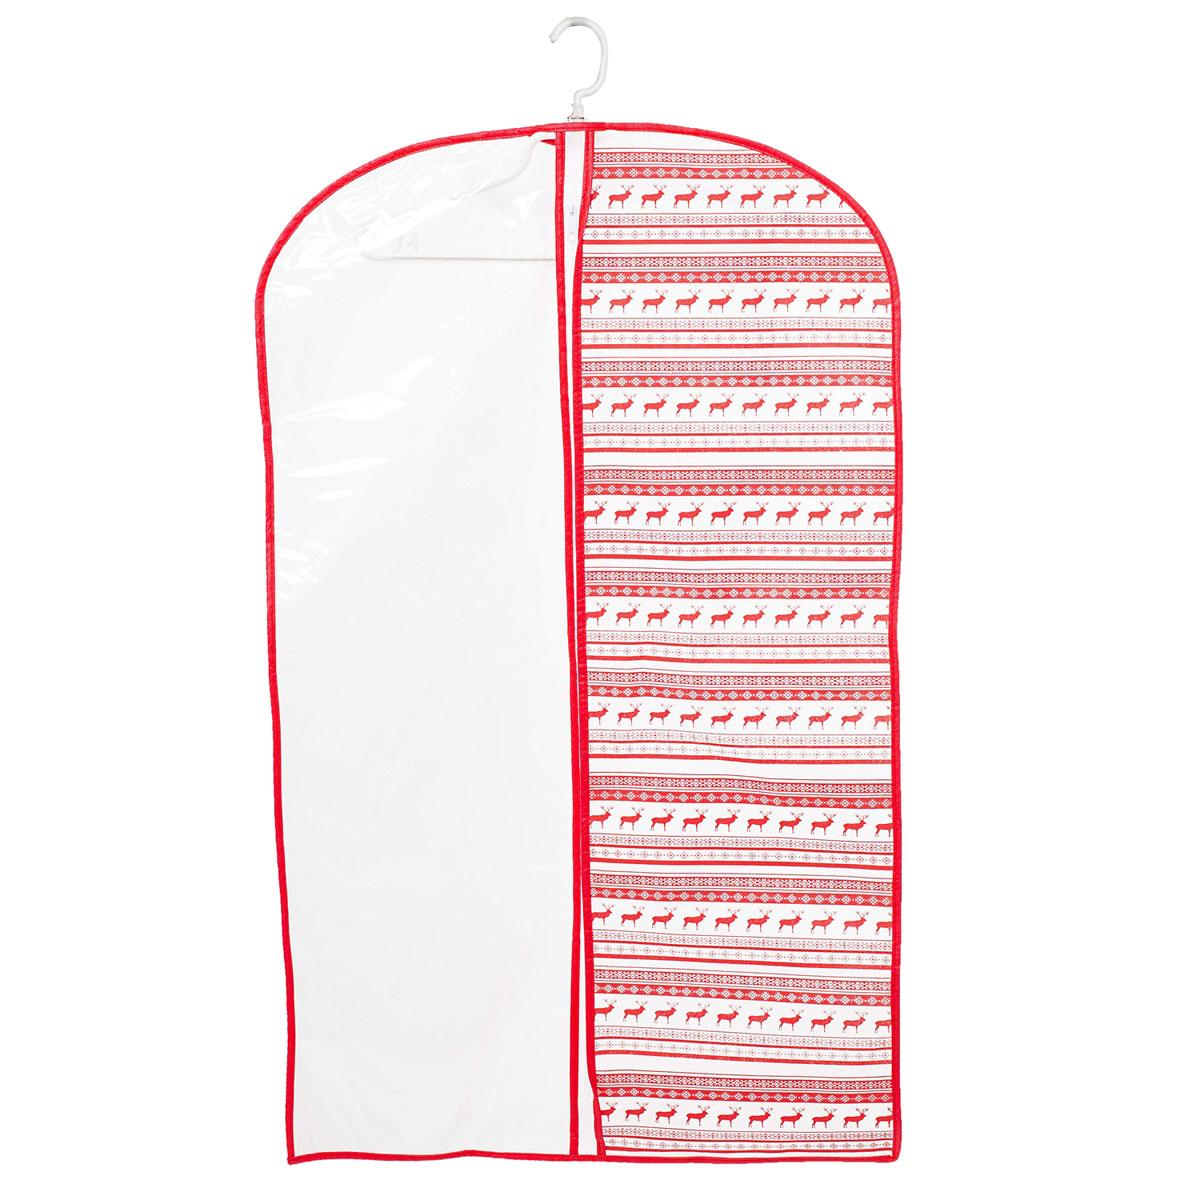 Чехол для одежды Homsu Scandinavia, подвесной, с прозрачной вставкой, 100 х 60 смS03301004Подвесной чехол для одежды Homsu Scandinavia на застежке-молнии выполнен из высококачественного нетканого материала. Чехол снабжен прозрачной вставкой из ПВХ, что позволяет легко просматривать содержимое. Изделие подходит для длительного хранения вещей.Чехол обеспечит вашей одежде надежную защиту от влажности, повреждений и грязи при транспортировке, от запыления при хранении и проникновения моли. Чехол позволяет воздуху свободно поступать внутрь вещей, обеспечивая их кондиционирование. Это особенно важно при хранении кожаных и меховых изделий.Чехол для одежды Homsu Scandinavia создаст уютную атмосферу в гардеробе. Лаконичный дизайн придется по вкусу ценительницам эстетичного хранения и сделают вашу гардеробную изысканной и невероятно стильной.Размер чехла: 100 х 60 см.